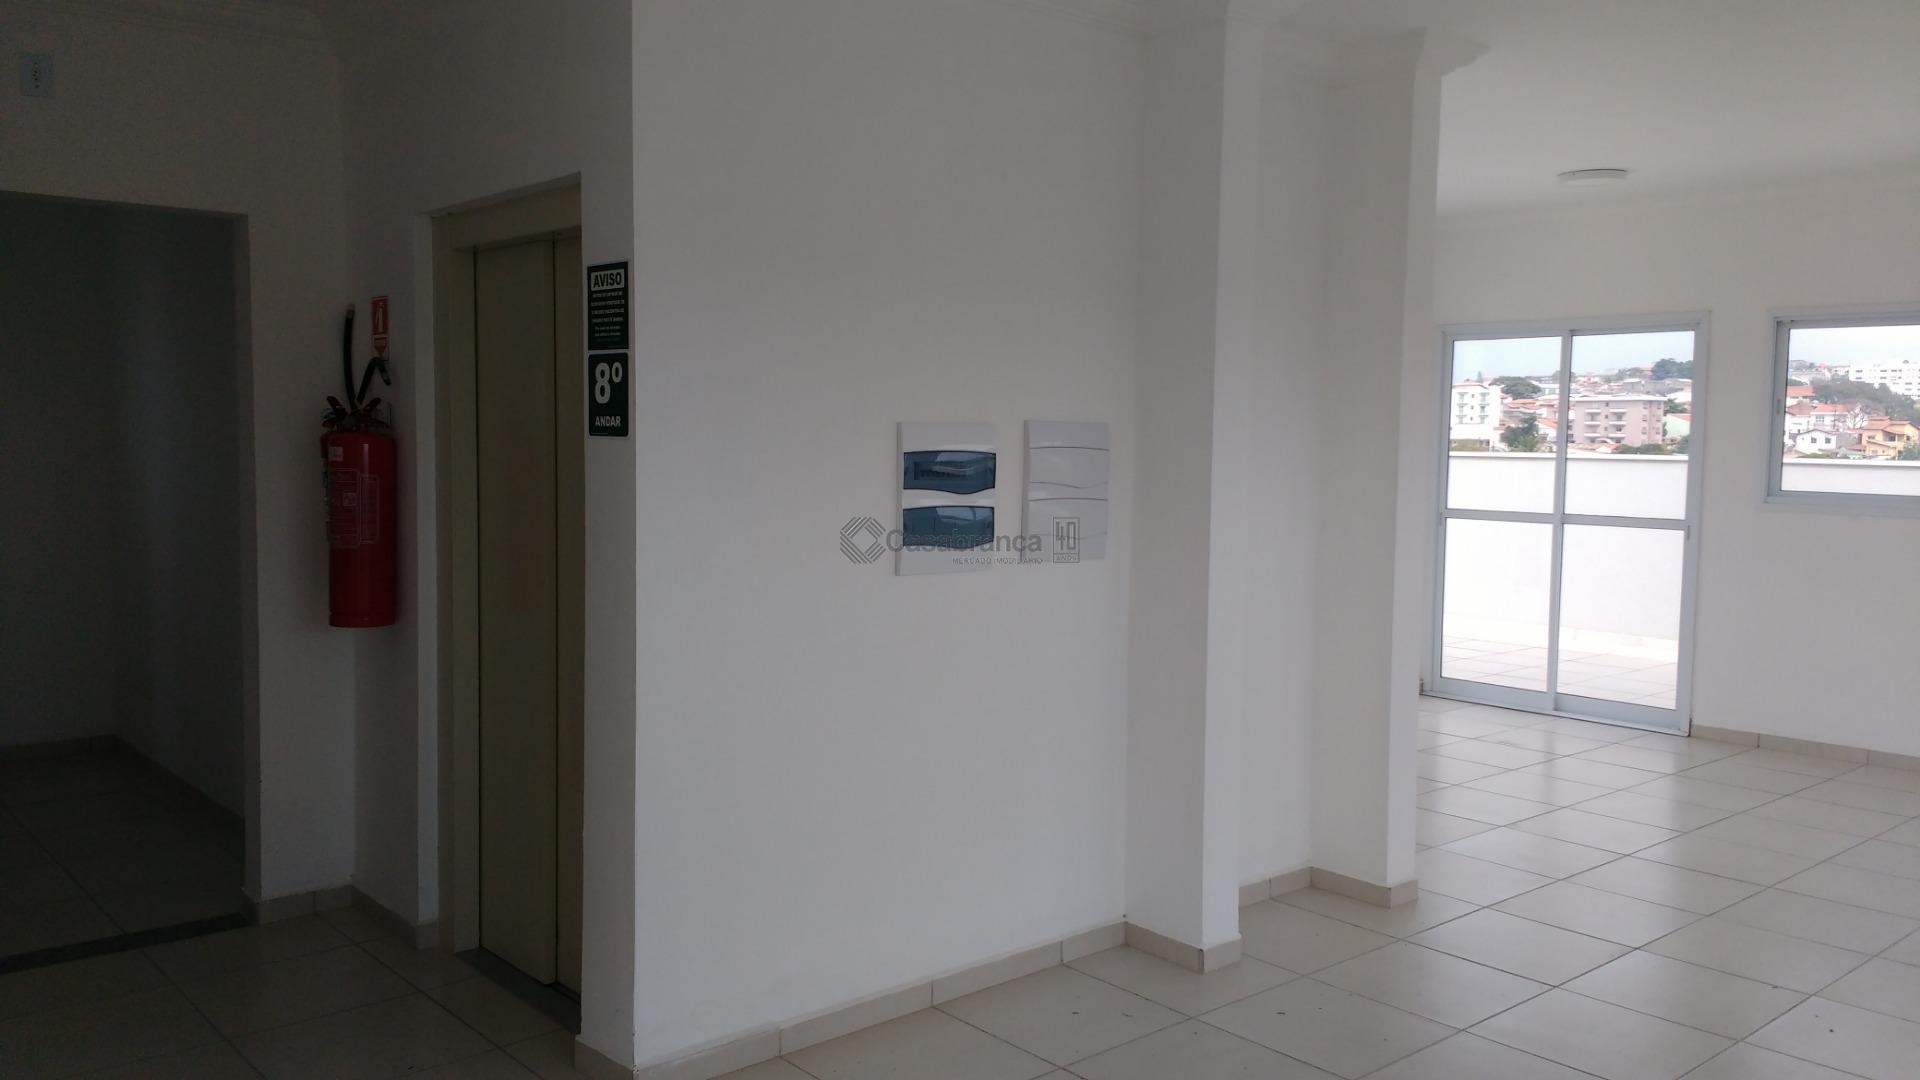 # 01 dts/01ste/arms/varanda;# sala estendida p/ 02 ambientes c/ varanda; podendo ser reversível p/ mais 01...